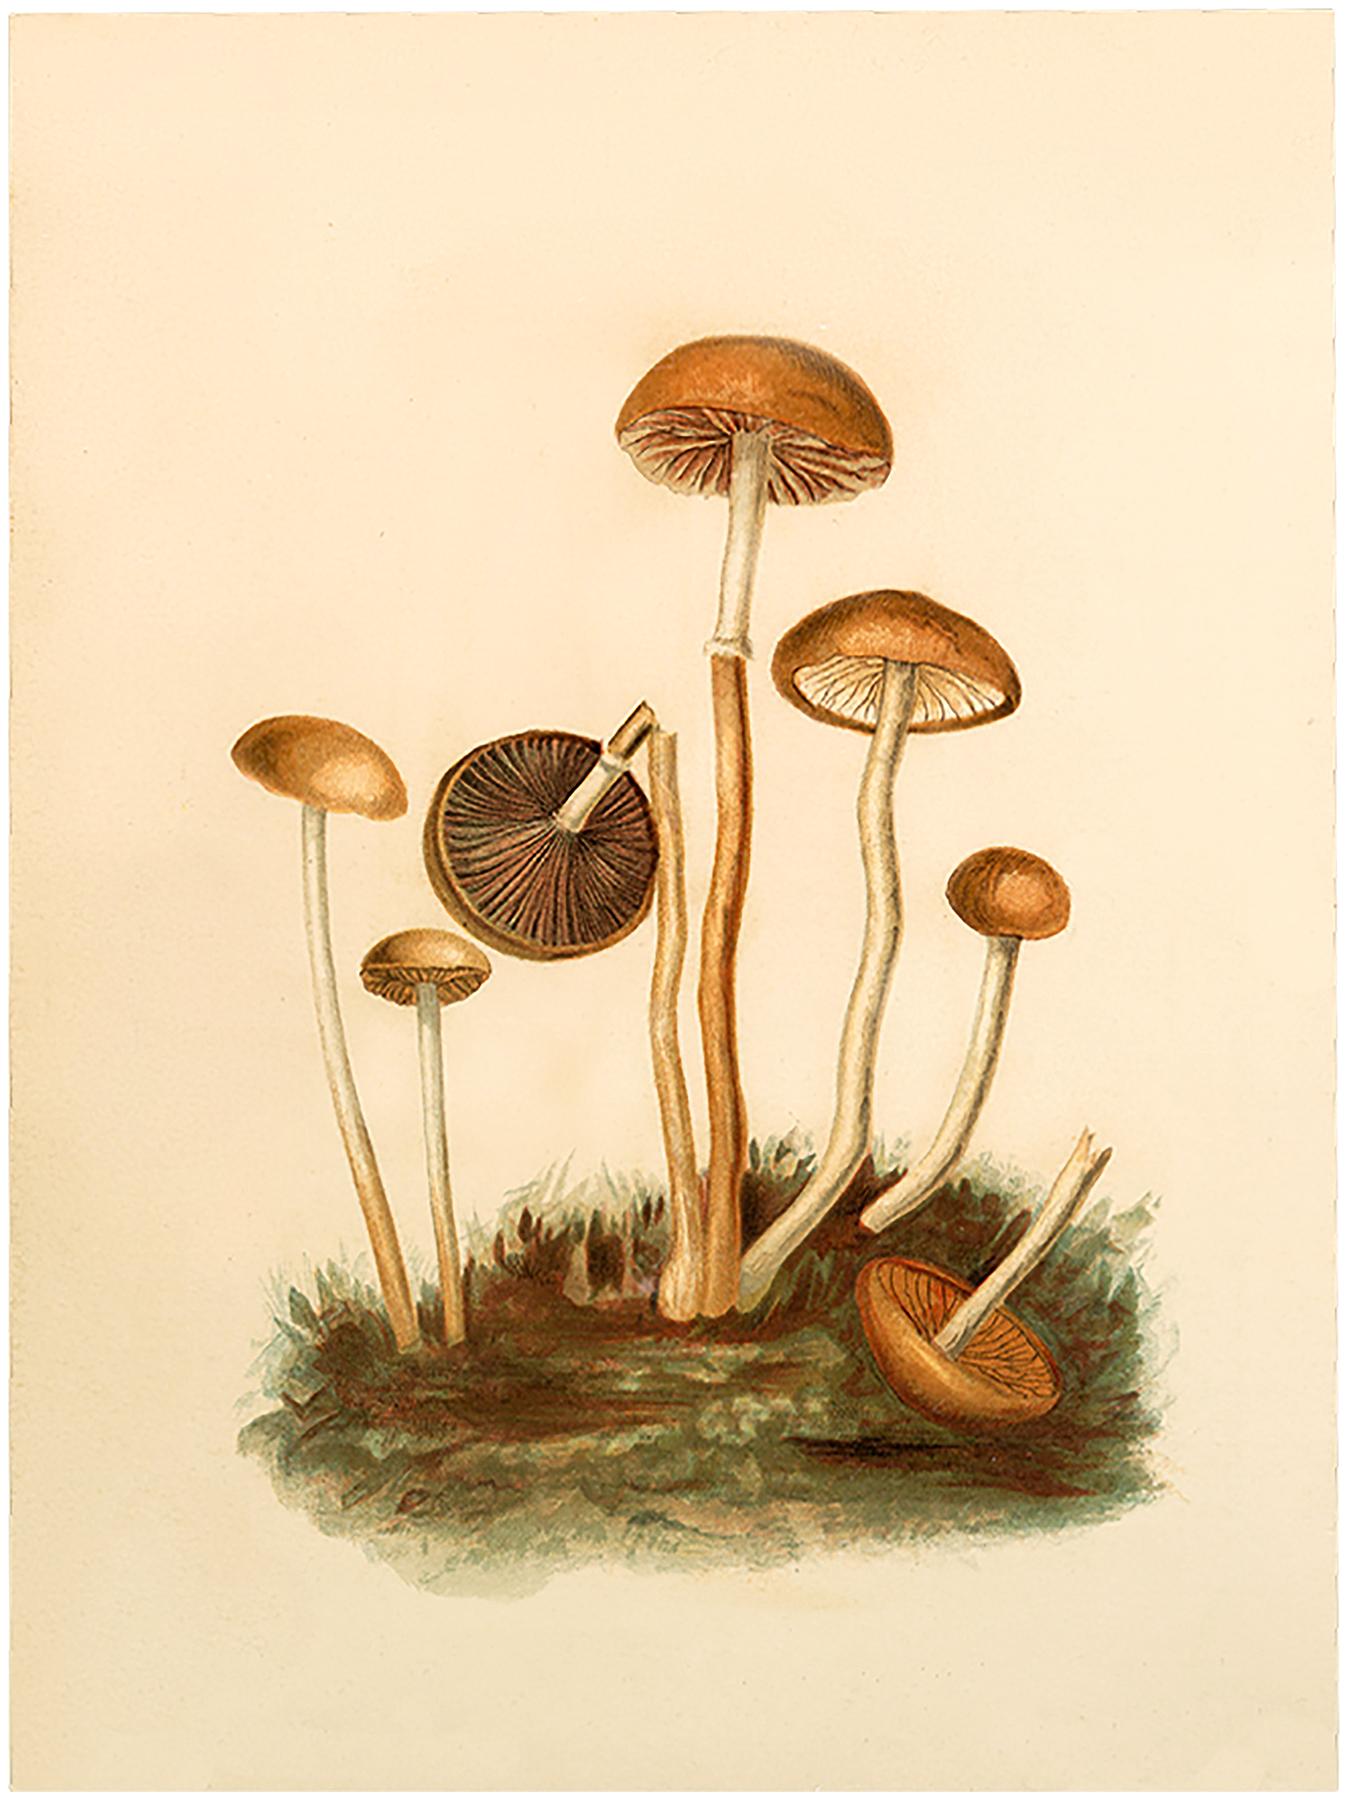 Vintage Fairy Mushrooms Image